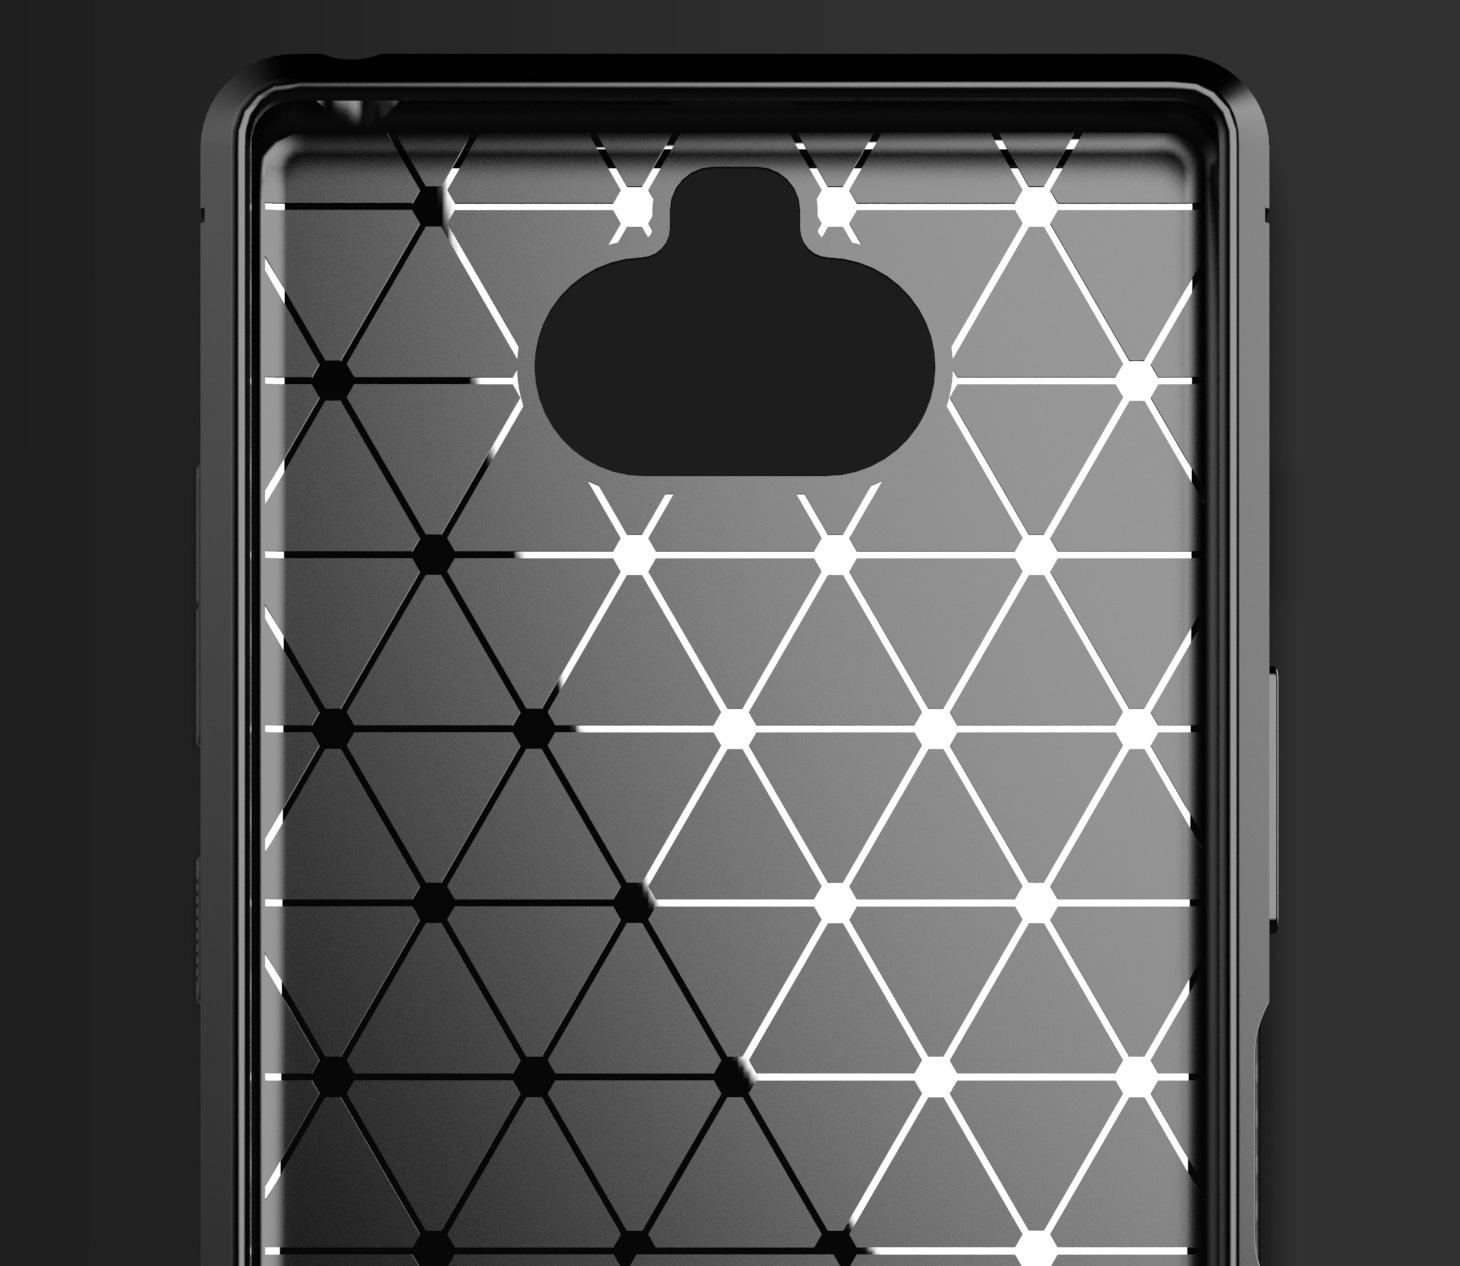 Чехол Sony Xperia 8 цвет Black (черный), серия Carbon, Caseport